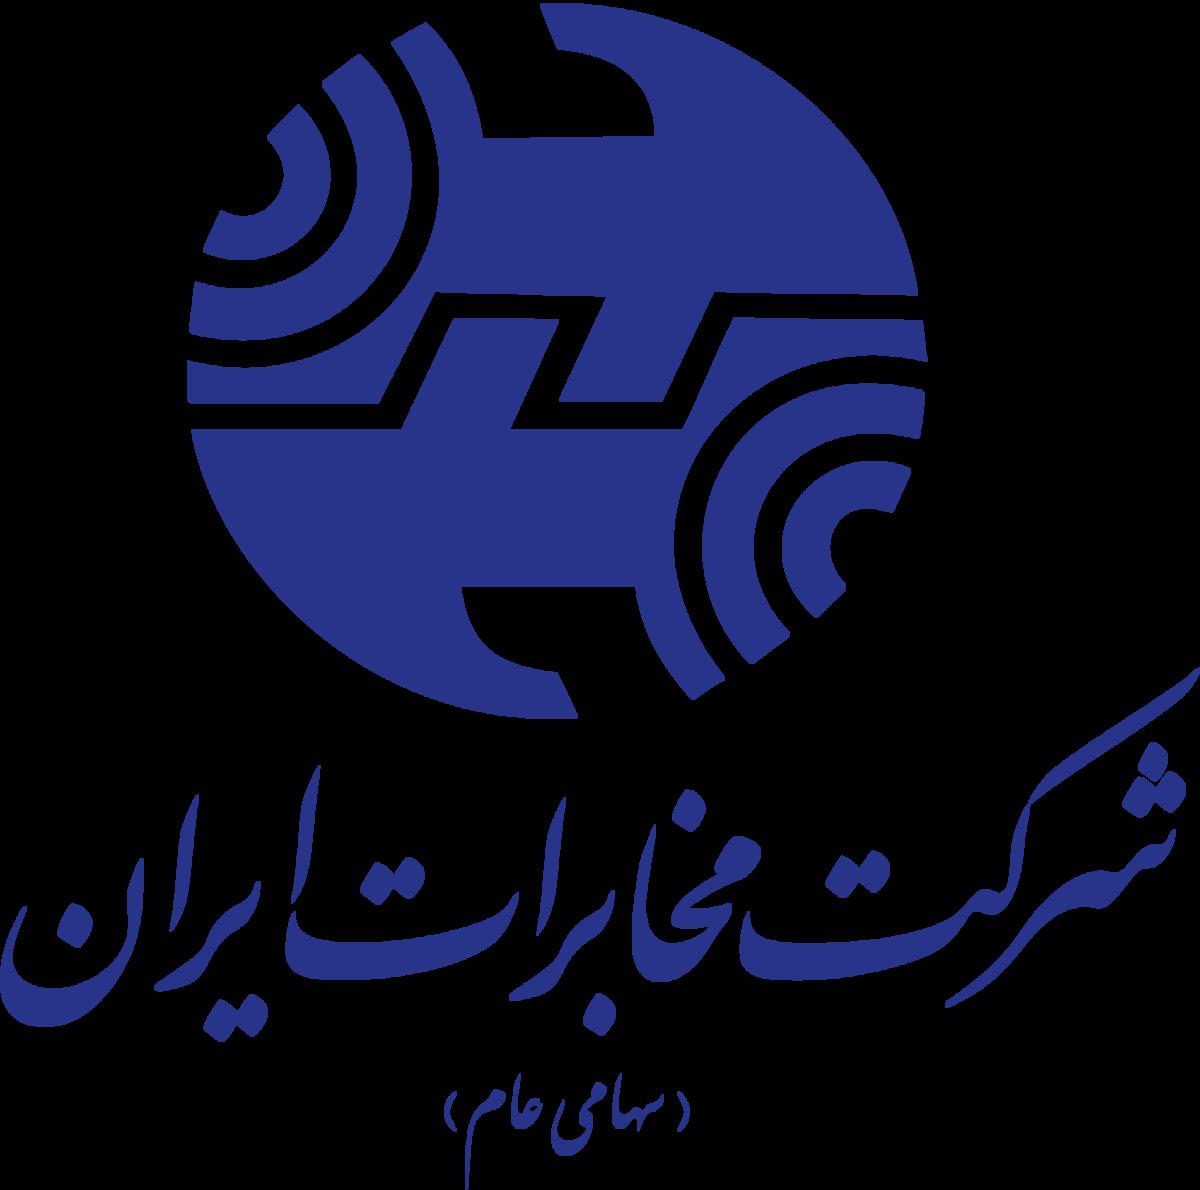 بنیاد تعاون سپاه